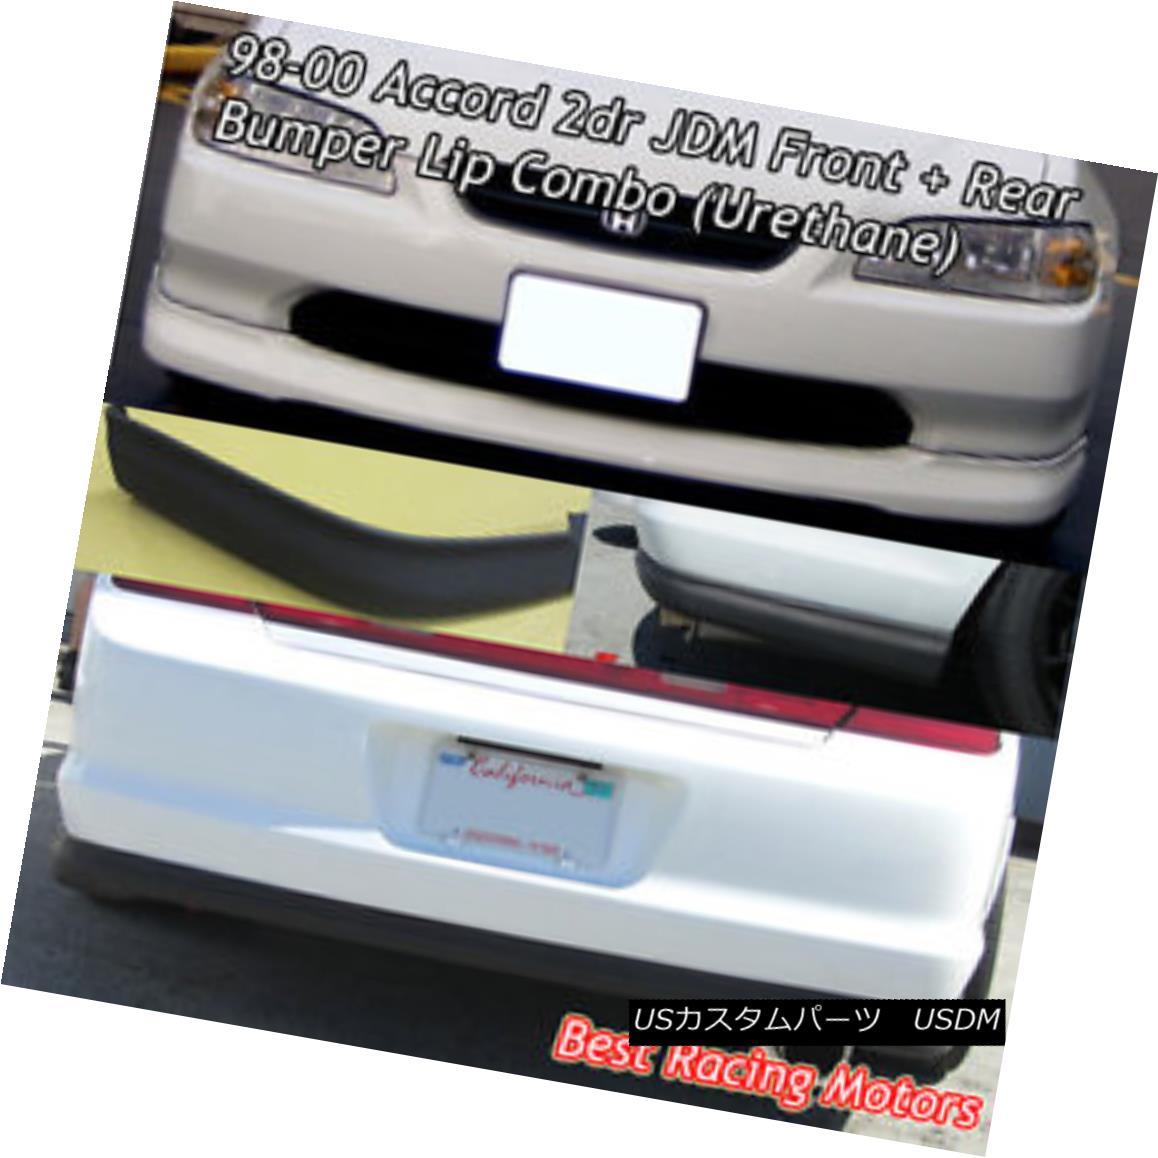 エアロパーツ OE Style Front + OE Style Rear Bumper Lip (Urethane) Fit 98-00 Accord 2dr OEスタイルフロント+ OEスタイルリアバンパーリップ(ウレタン)フィット98-00アコード2dr